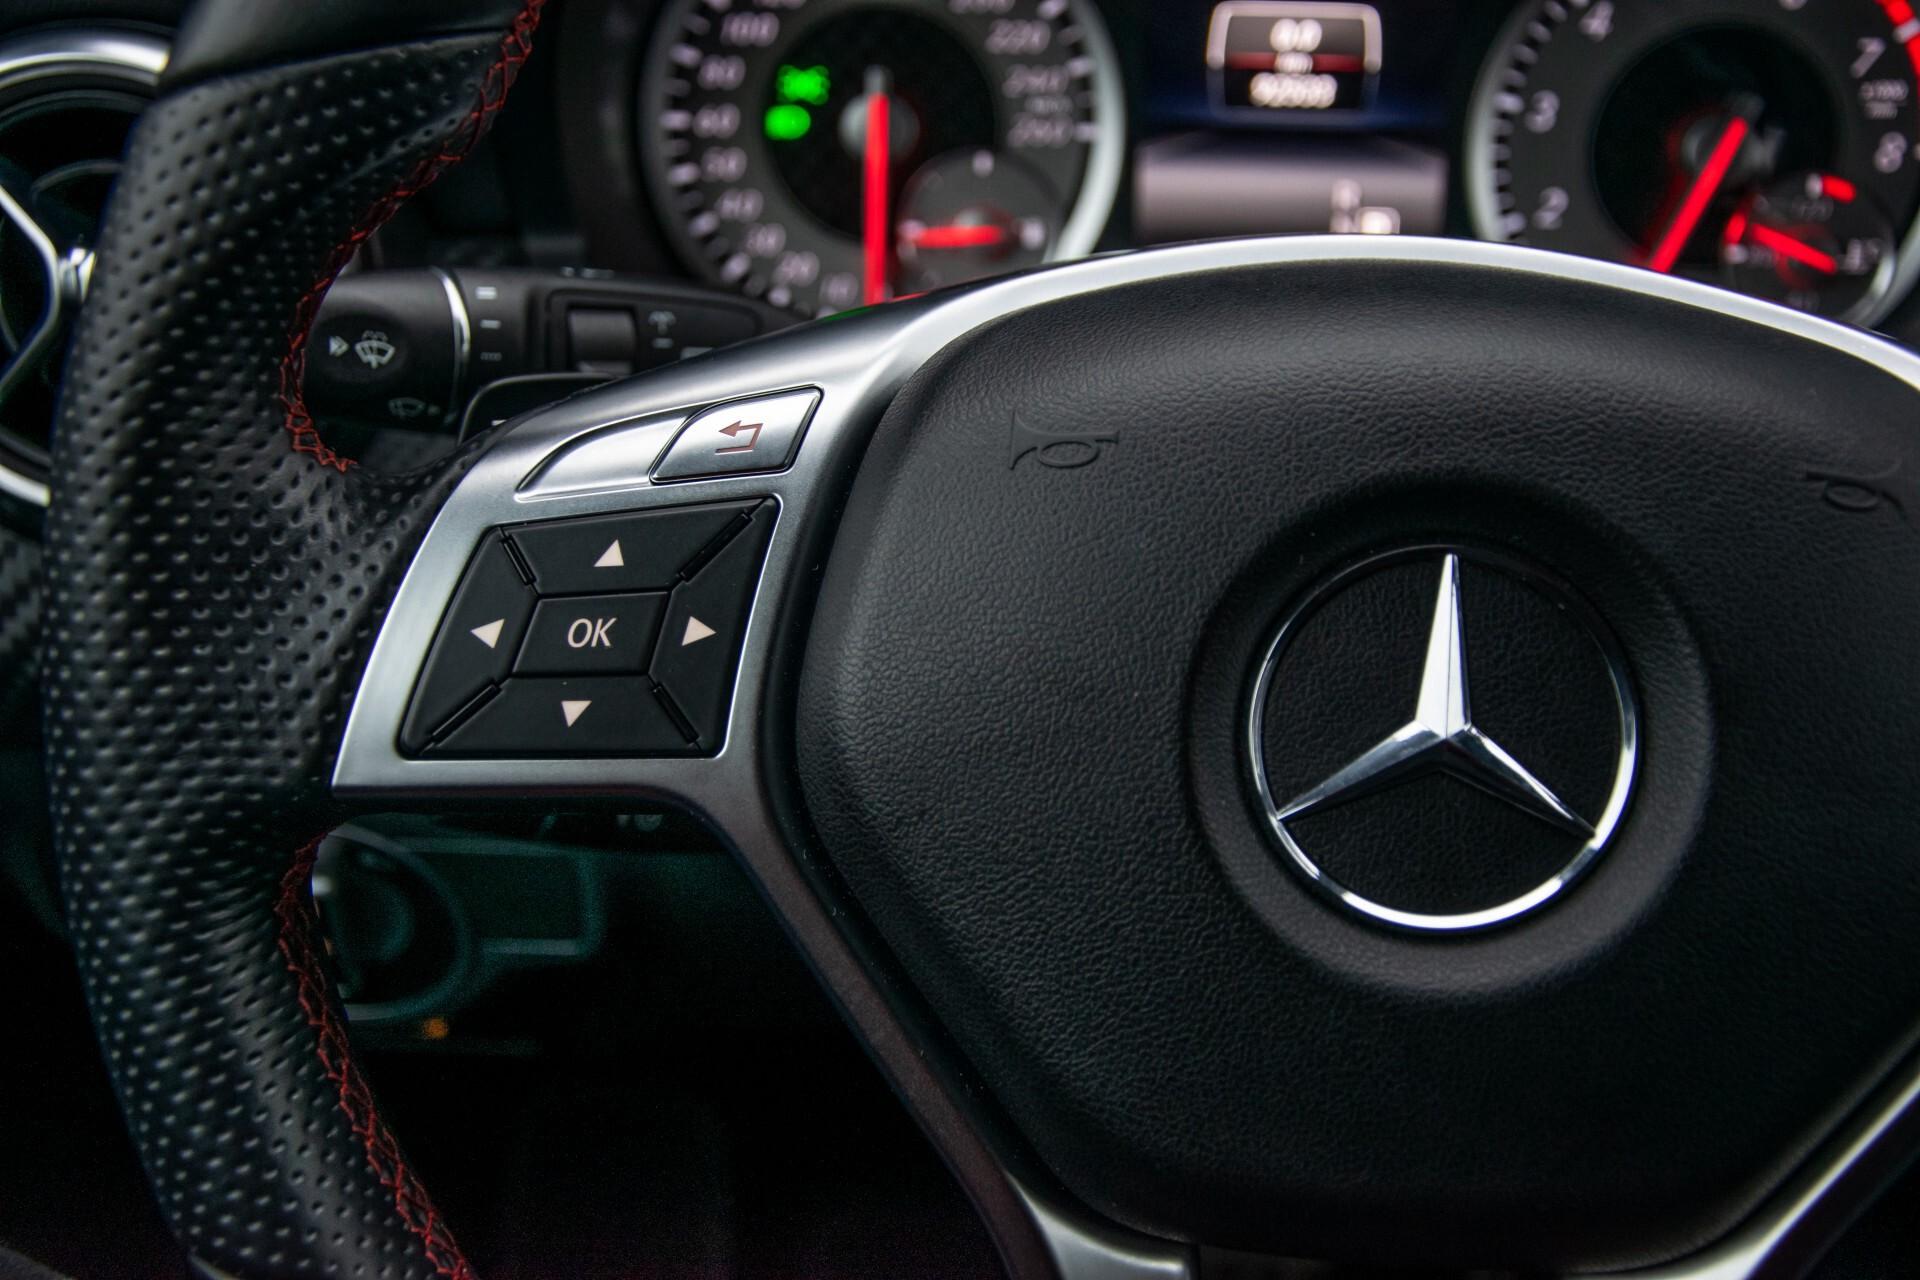 Mercedes-Benz A-Klasse 180 AMG Dynamic Handling/Camera/Xenon/Navi/Privacy Aut7 Foto 9